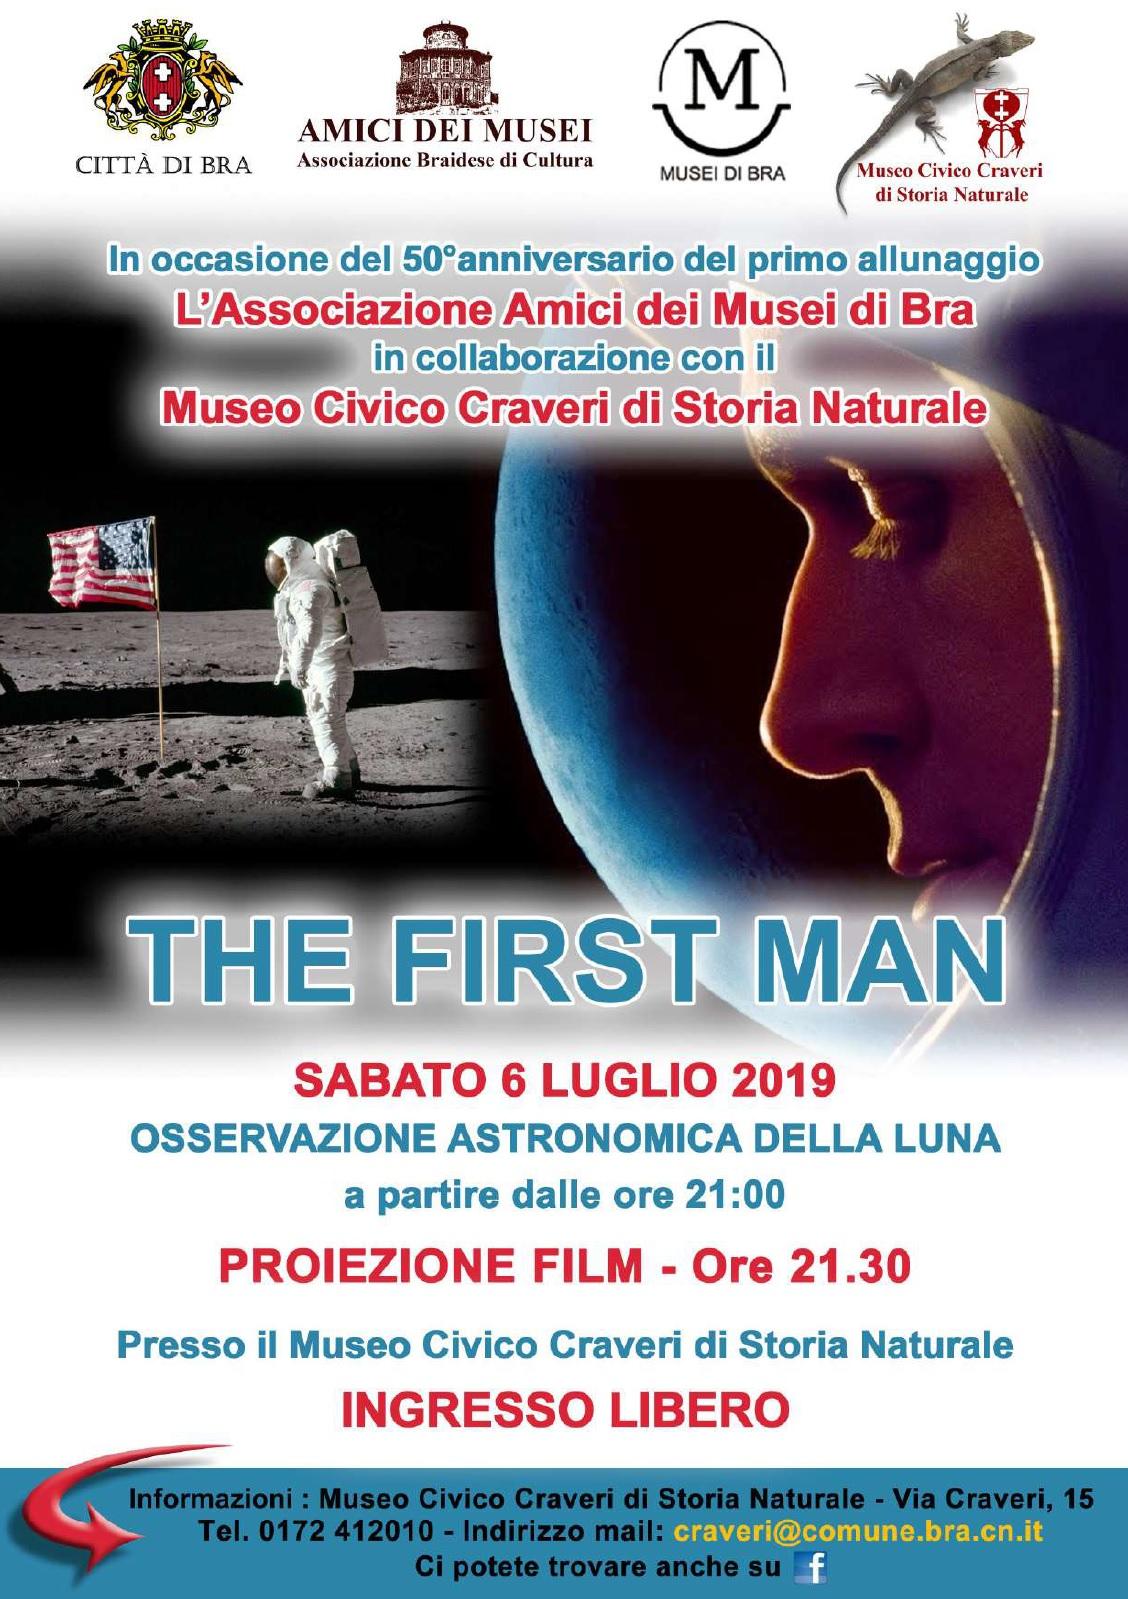 first man 6 luglio